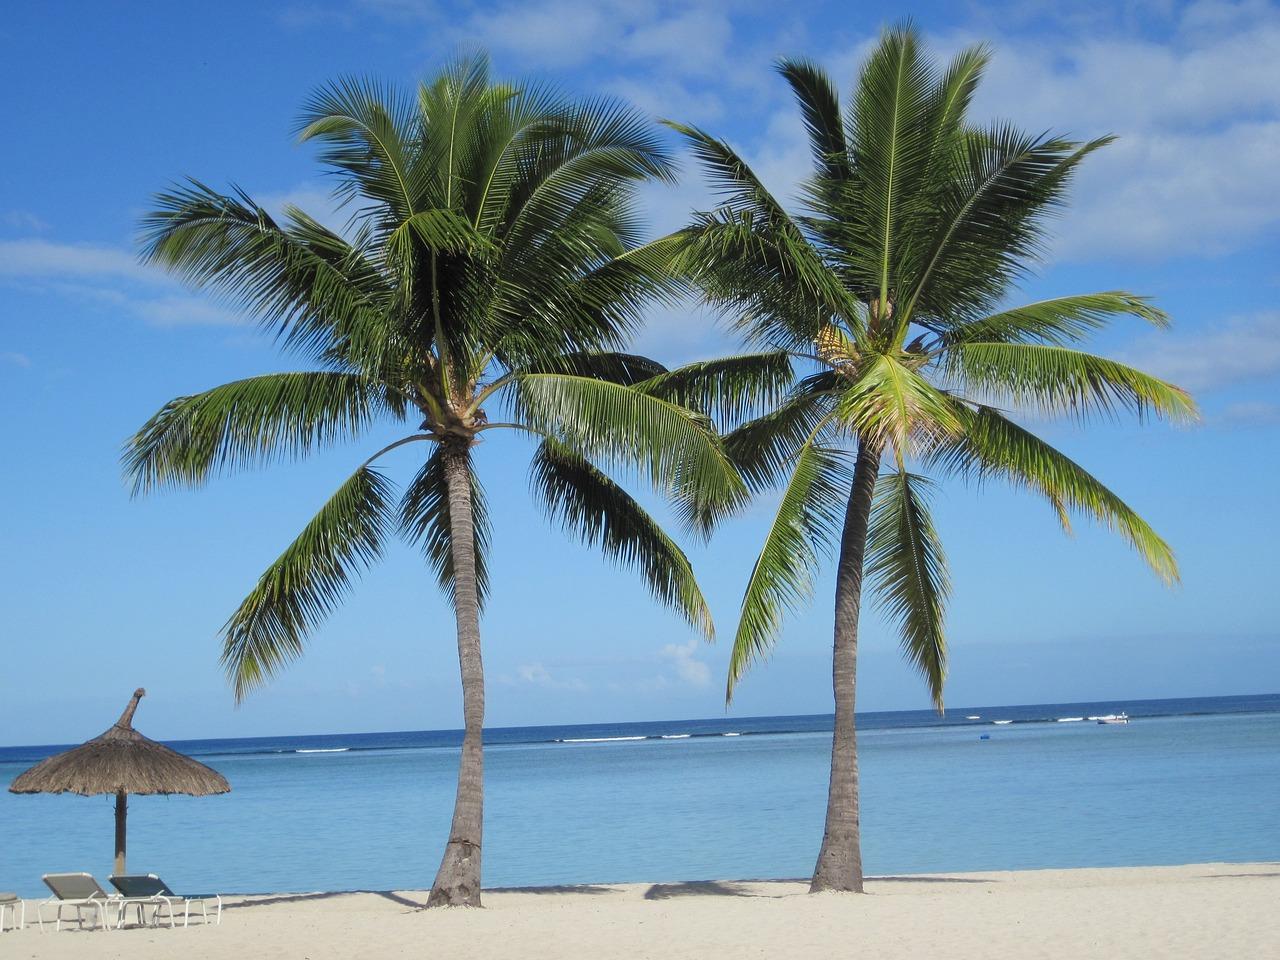 картинки пальмы на побережье старые